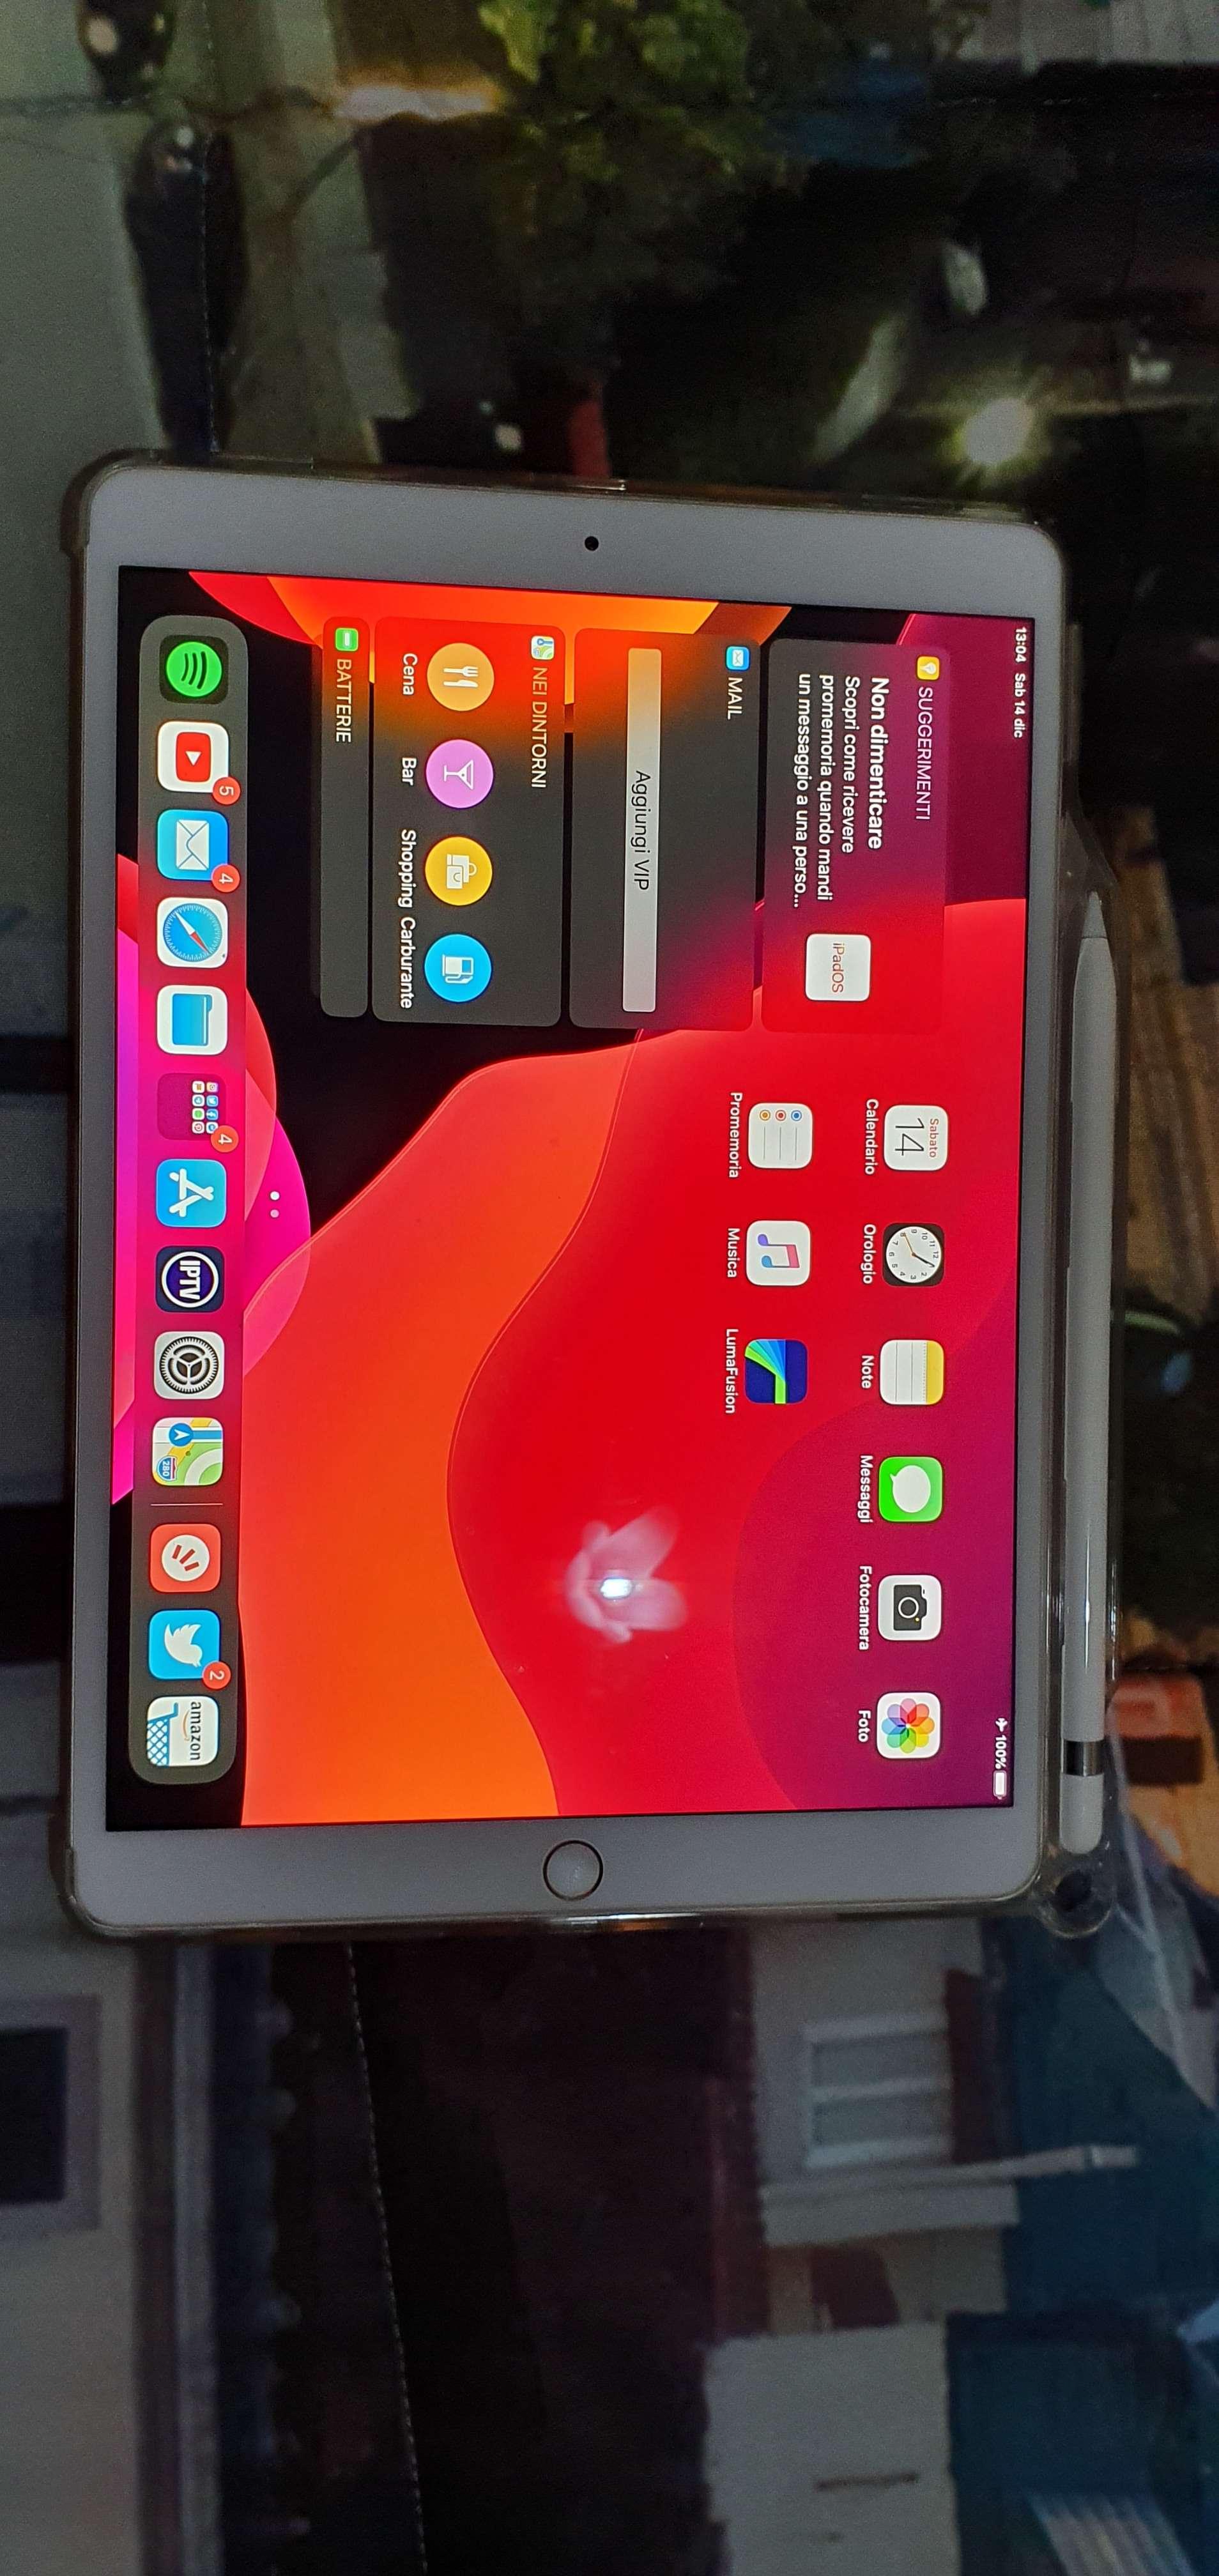 Ipad pro 10.5 512gb + cellular - Vendo iPad usato - Italiamac